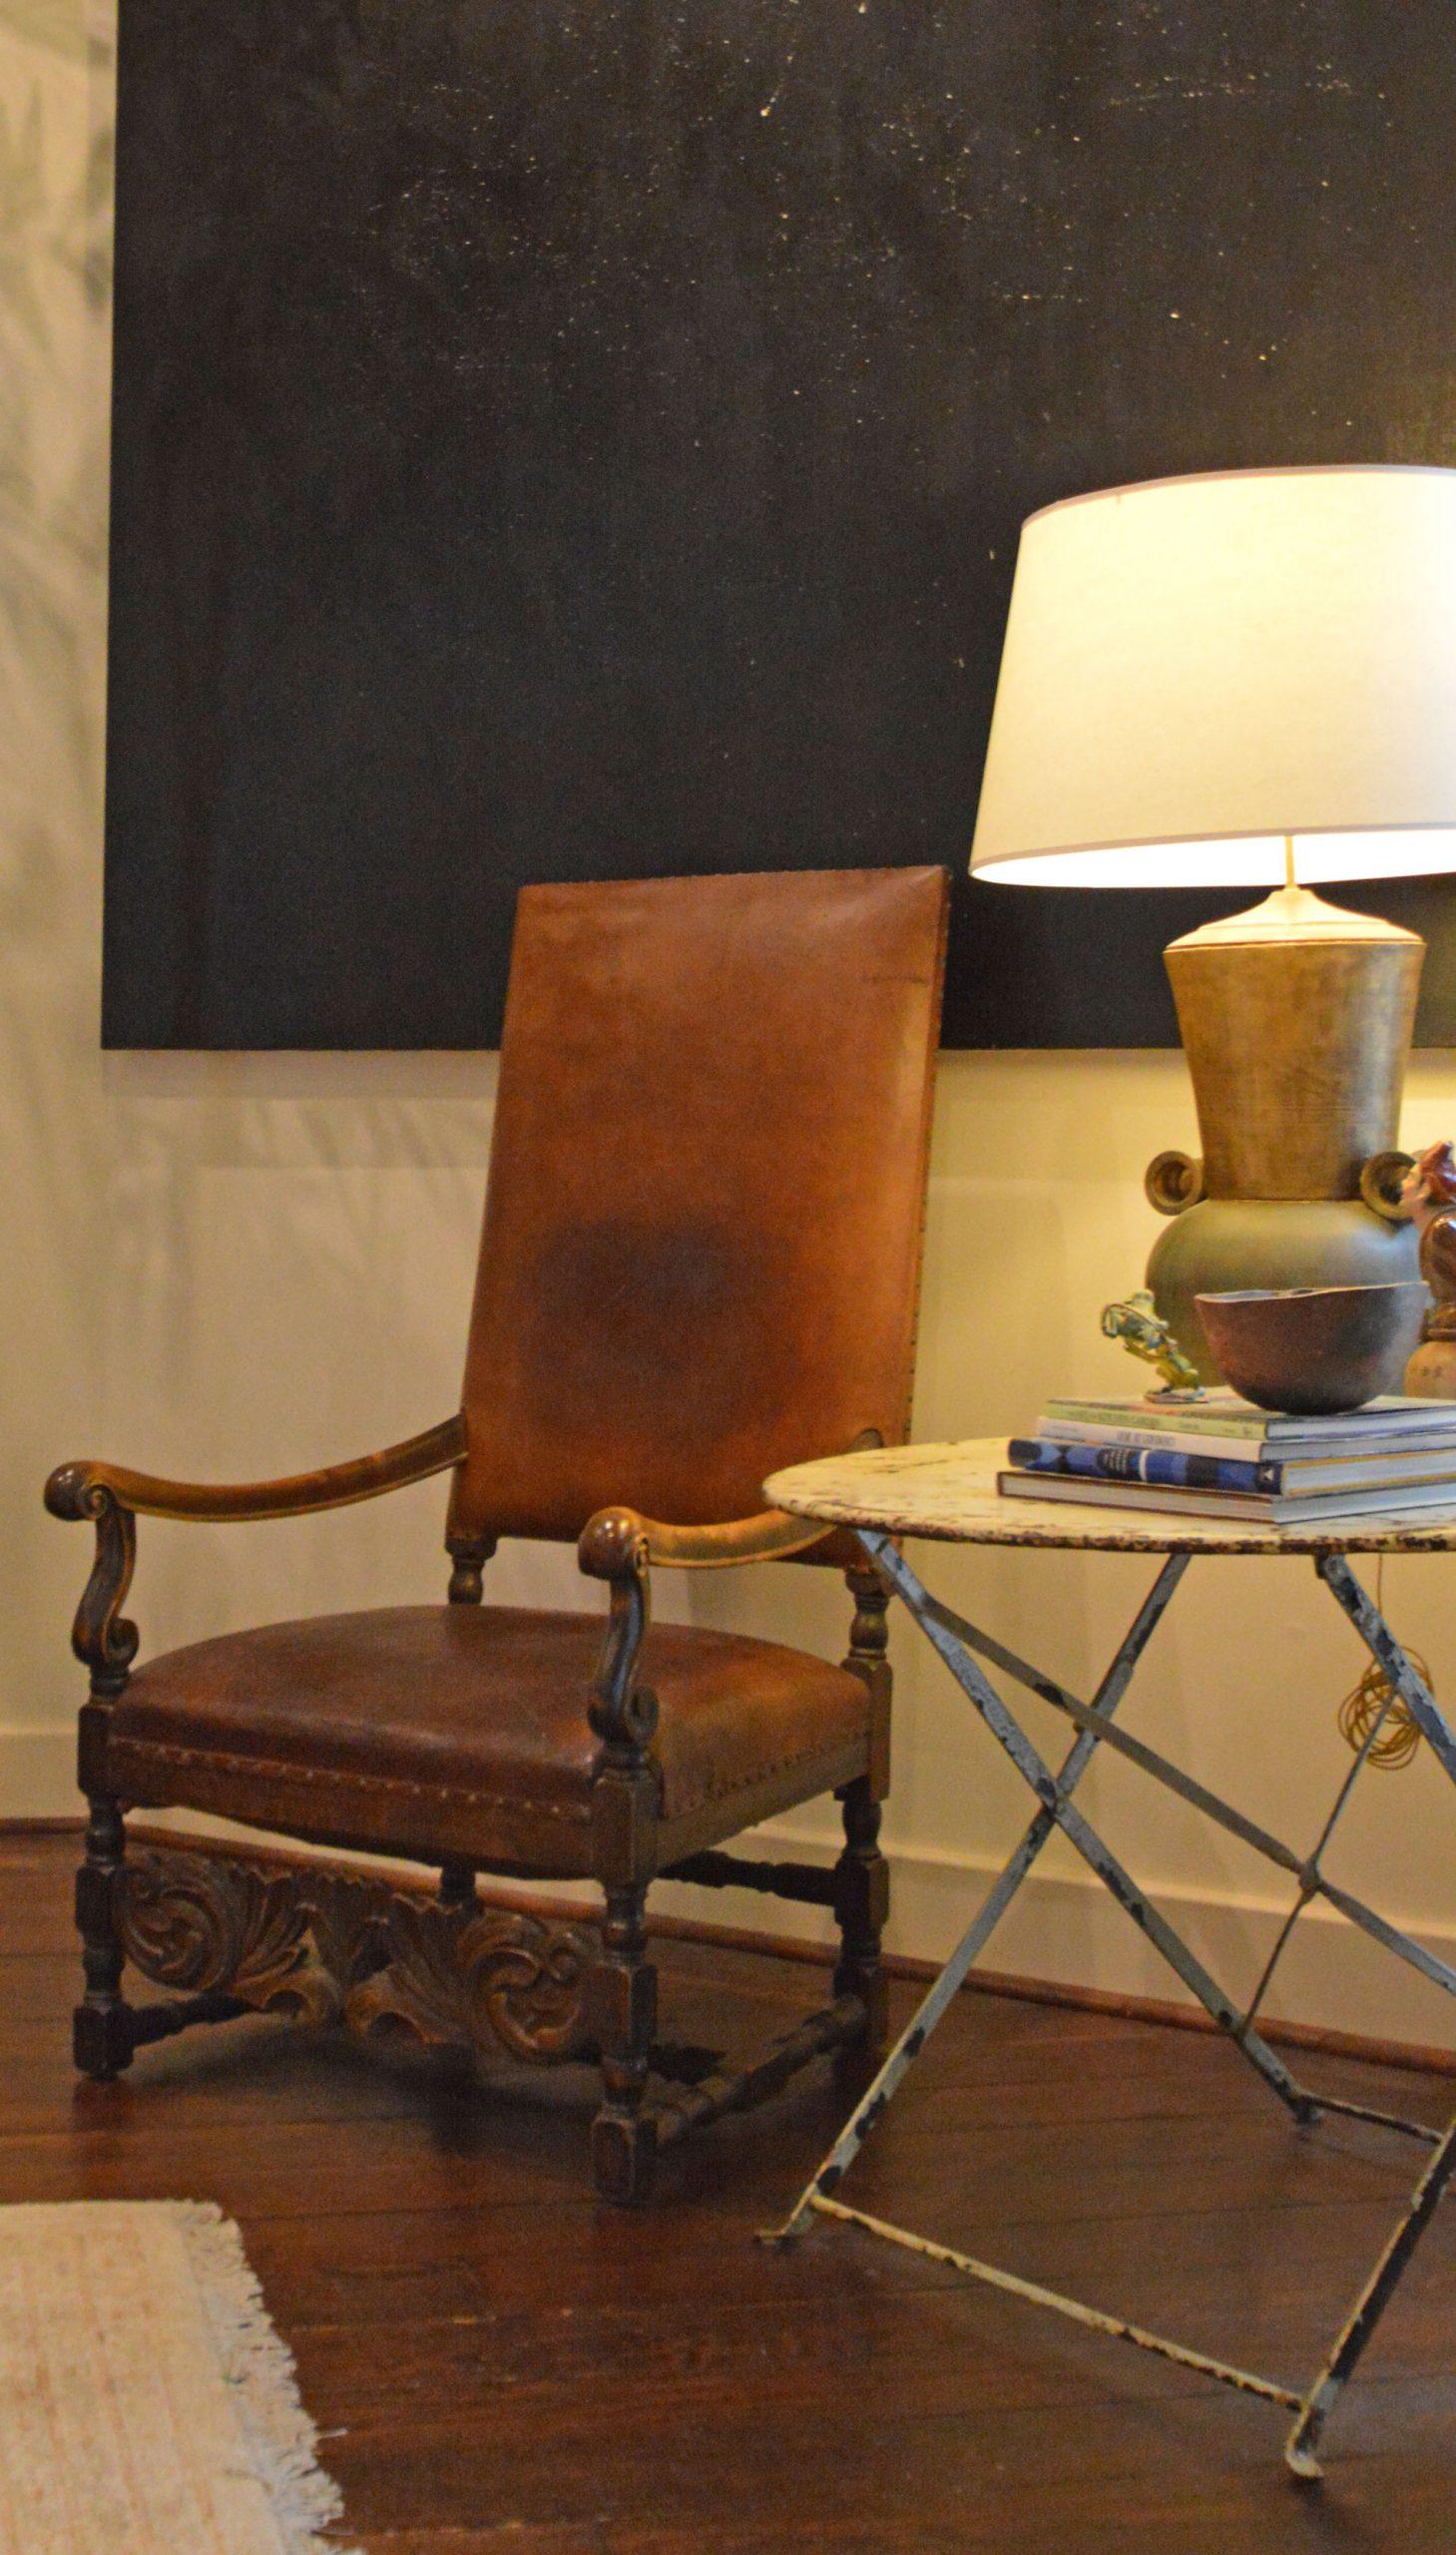 sindel-joel-dixon-smith-interiors-baton-rouge-interior-design-custom-furniture-web-00015